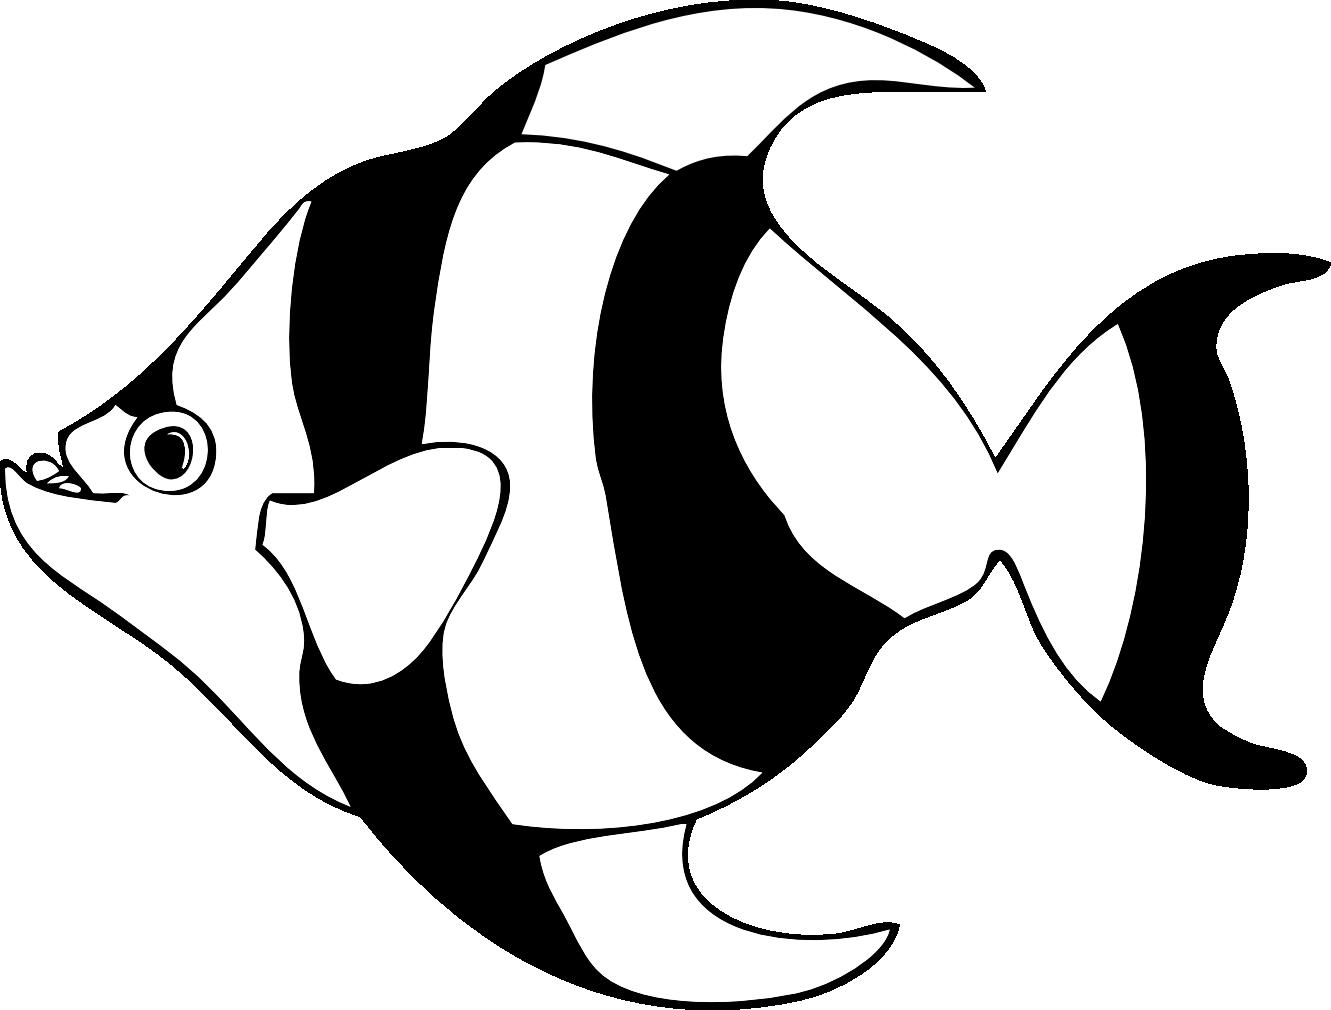 1331x1010 Top 84 School Of Fish Clip Art